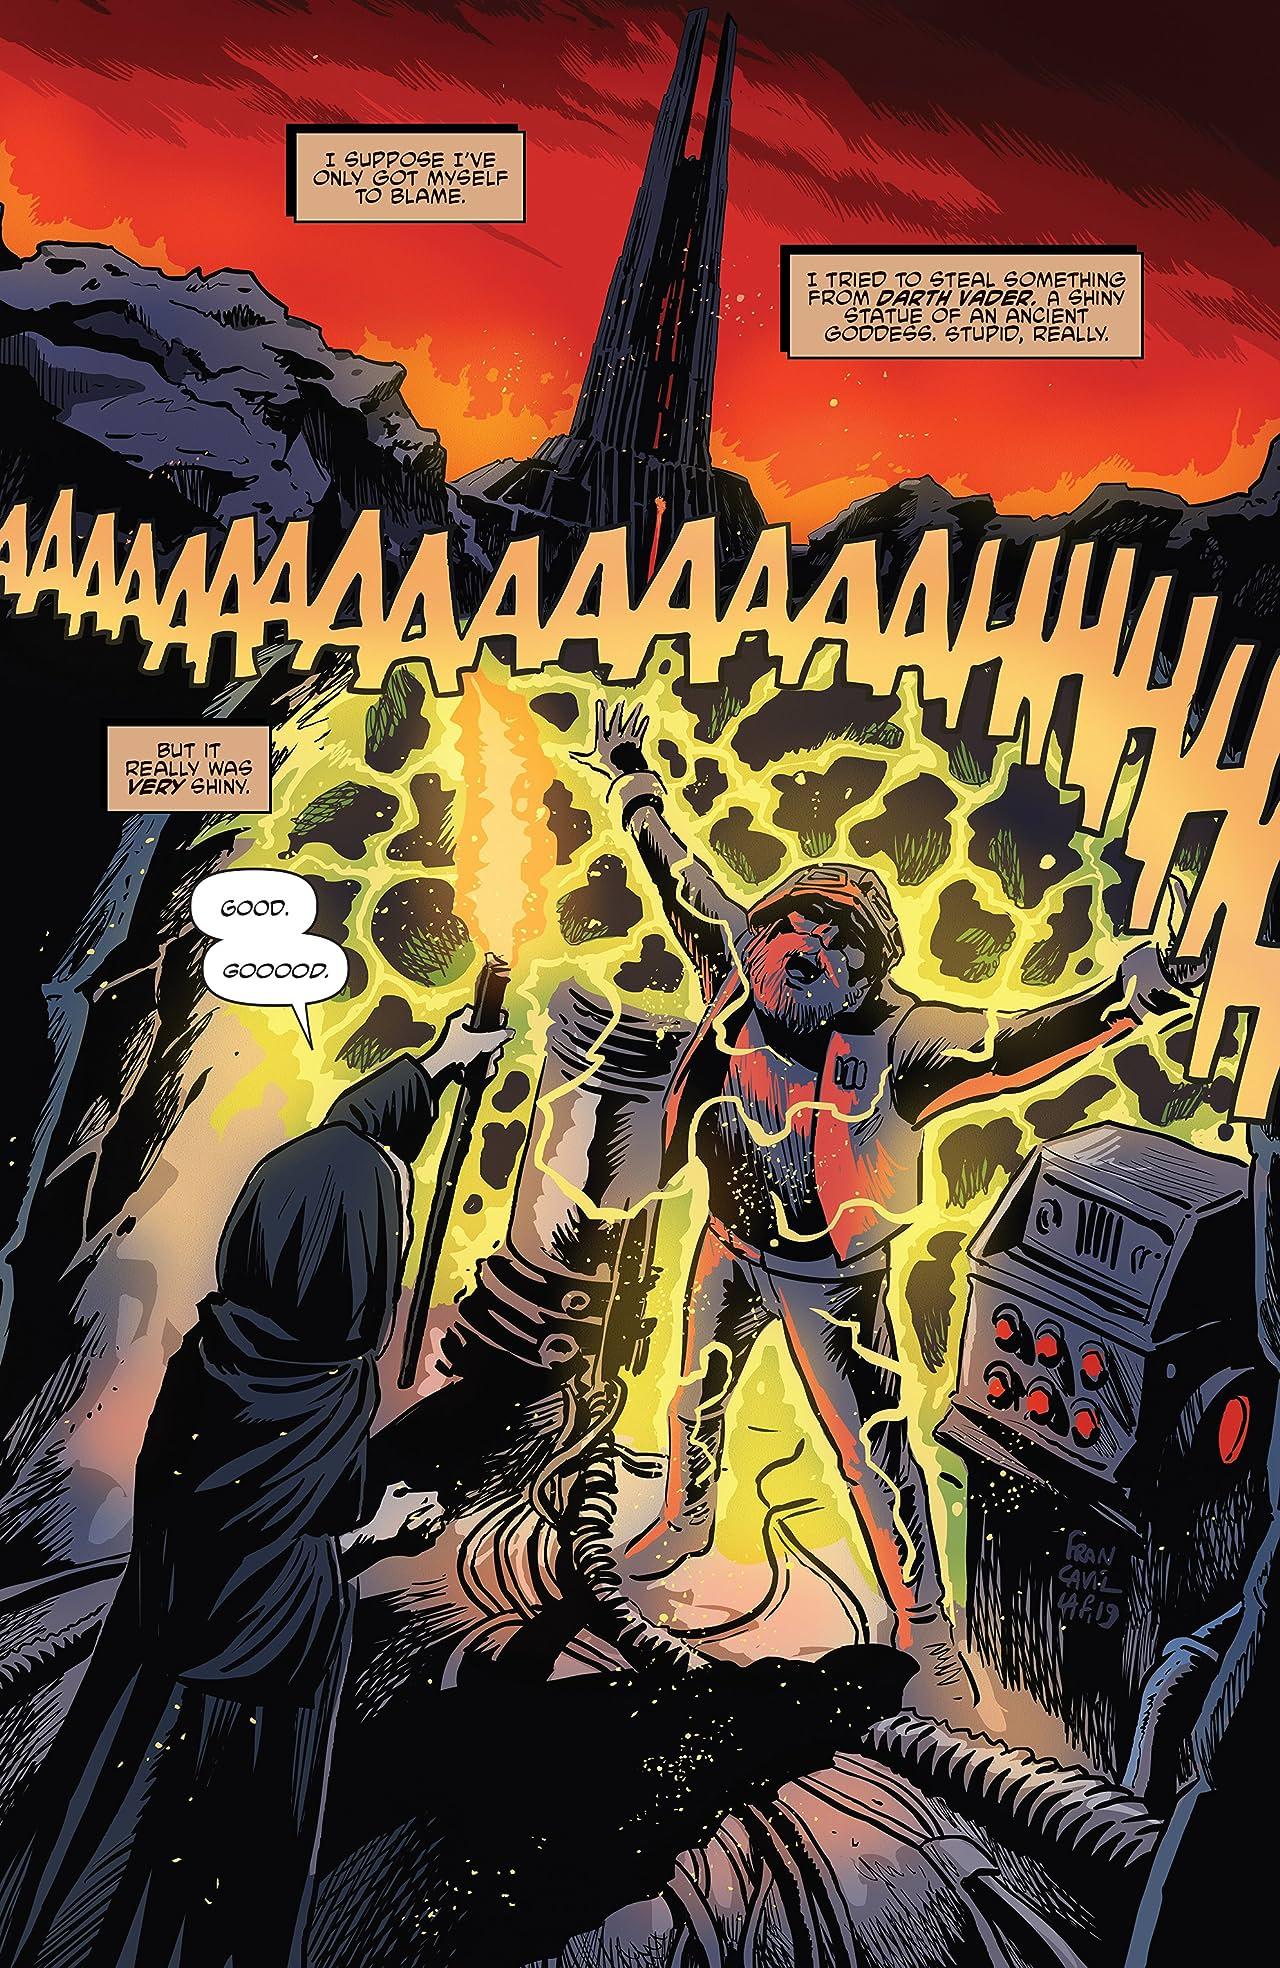 Star Wars Adventures: Return to Vader's Castle #2 (of 5)